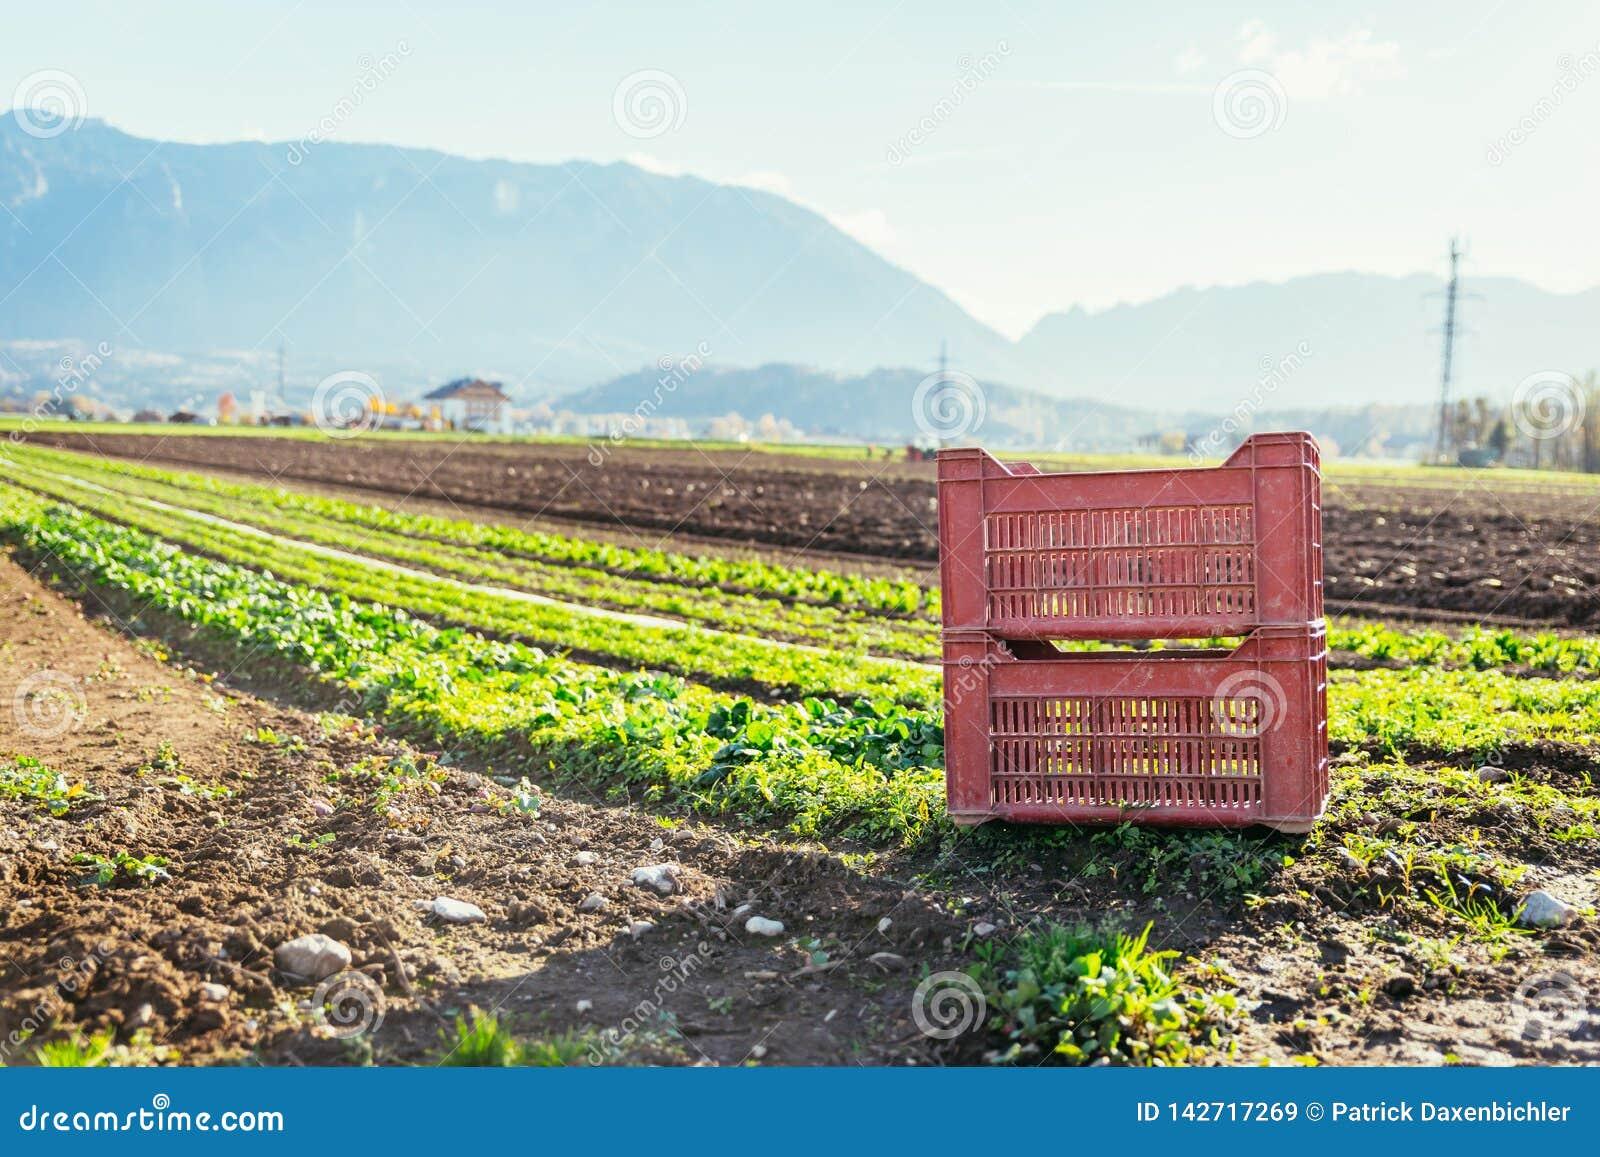 Gemüsekasten auf Landwirtschaftsfeld